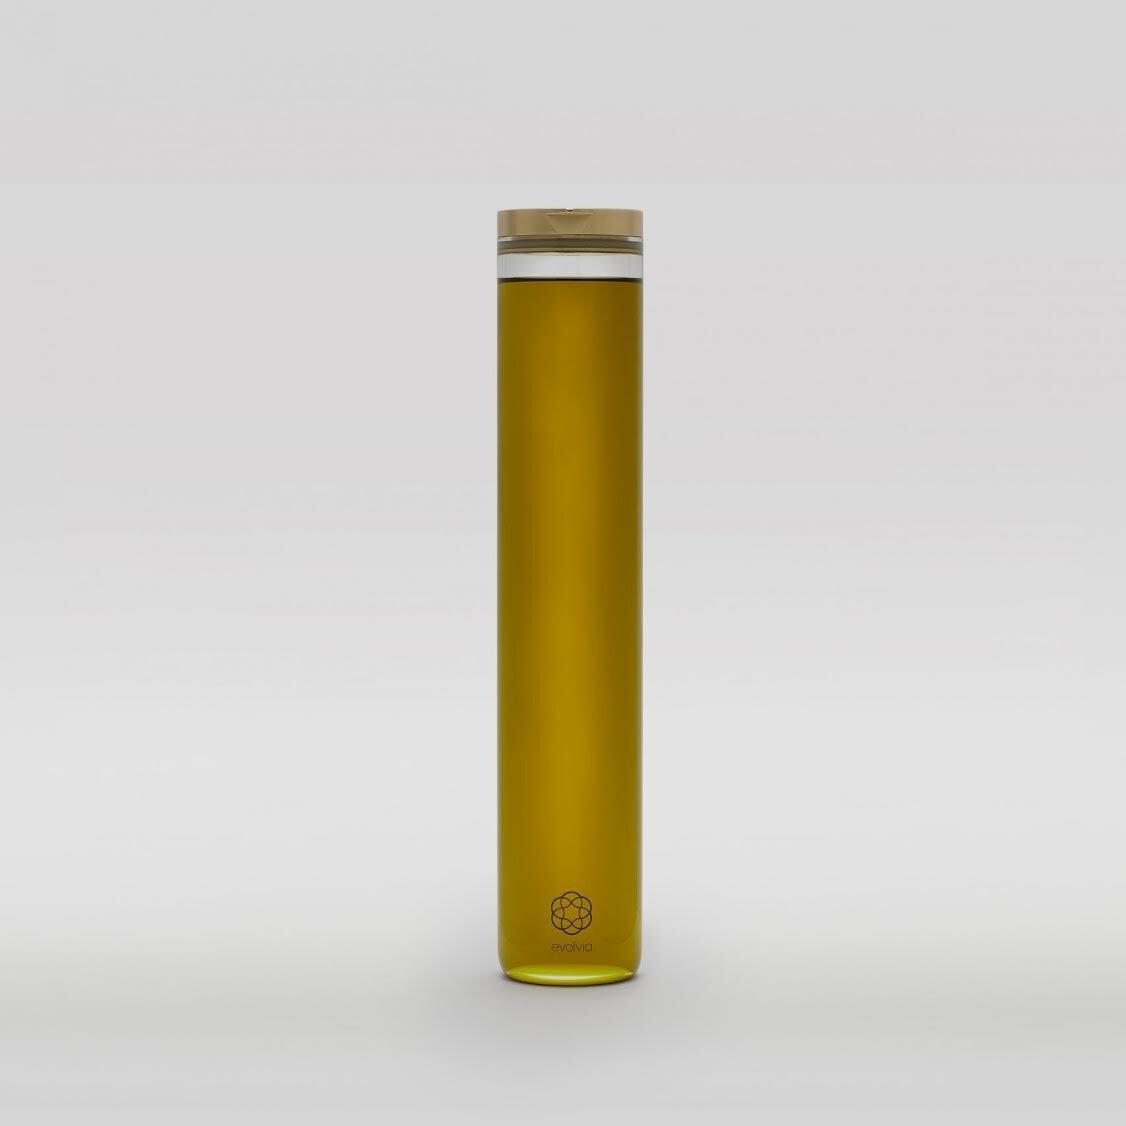 Minimalist olive oil design